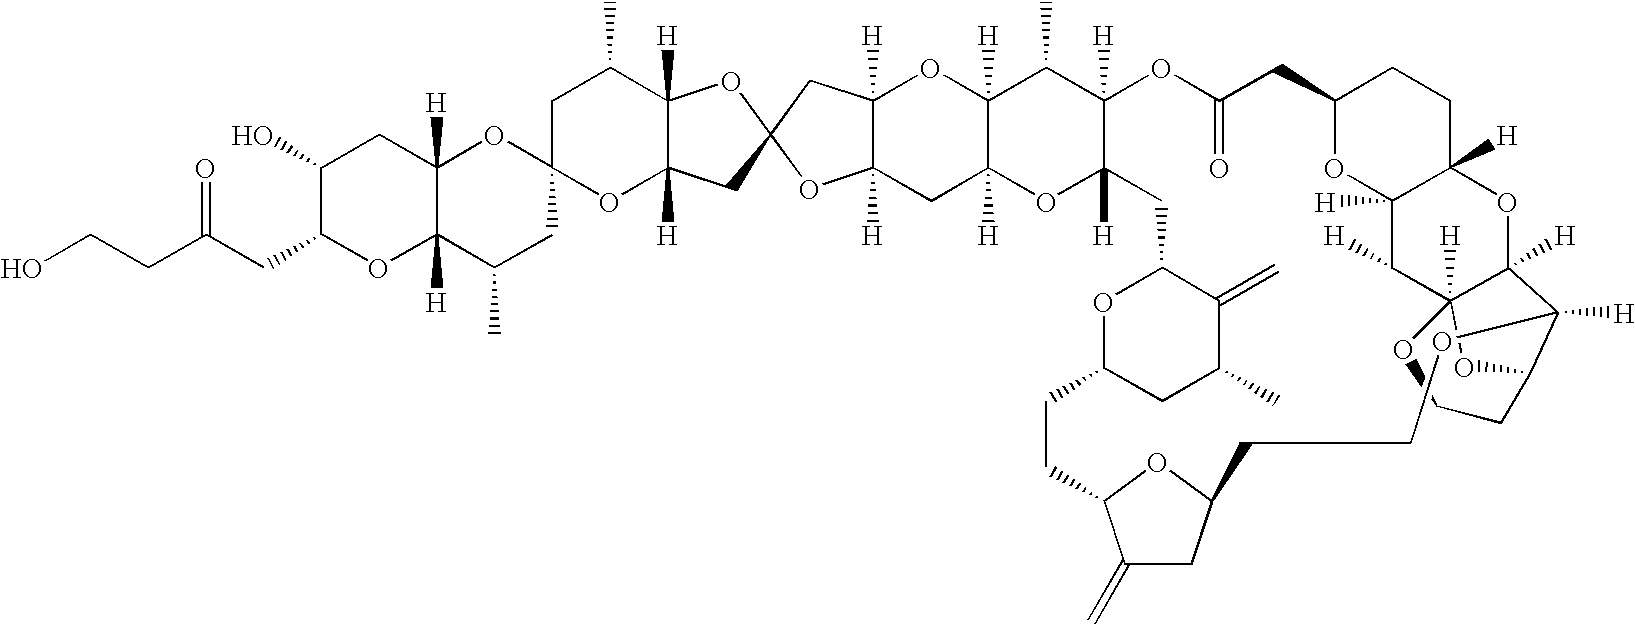 Figure US20040115168A1-20040617-C00032